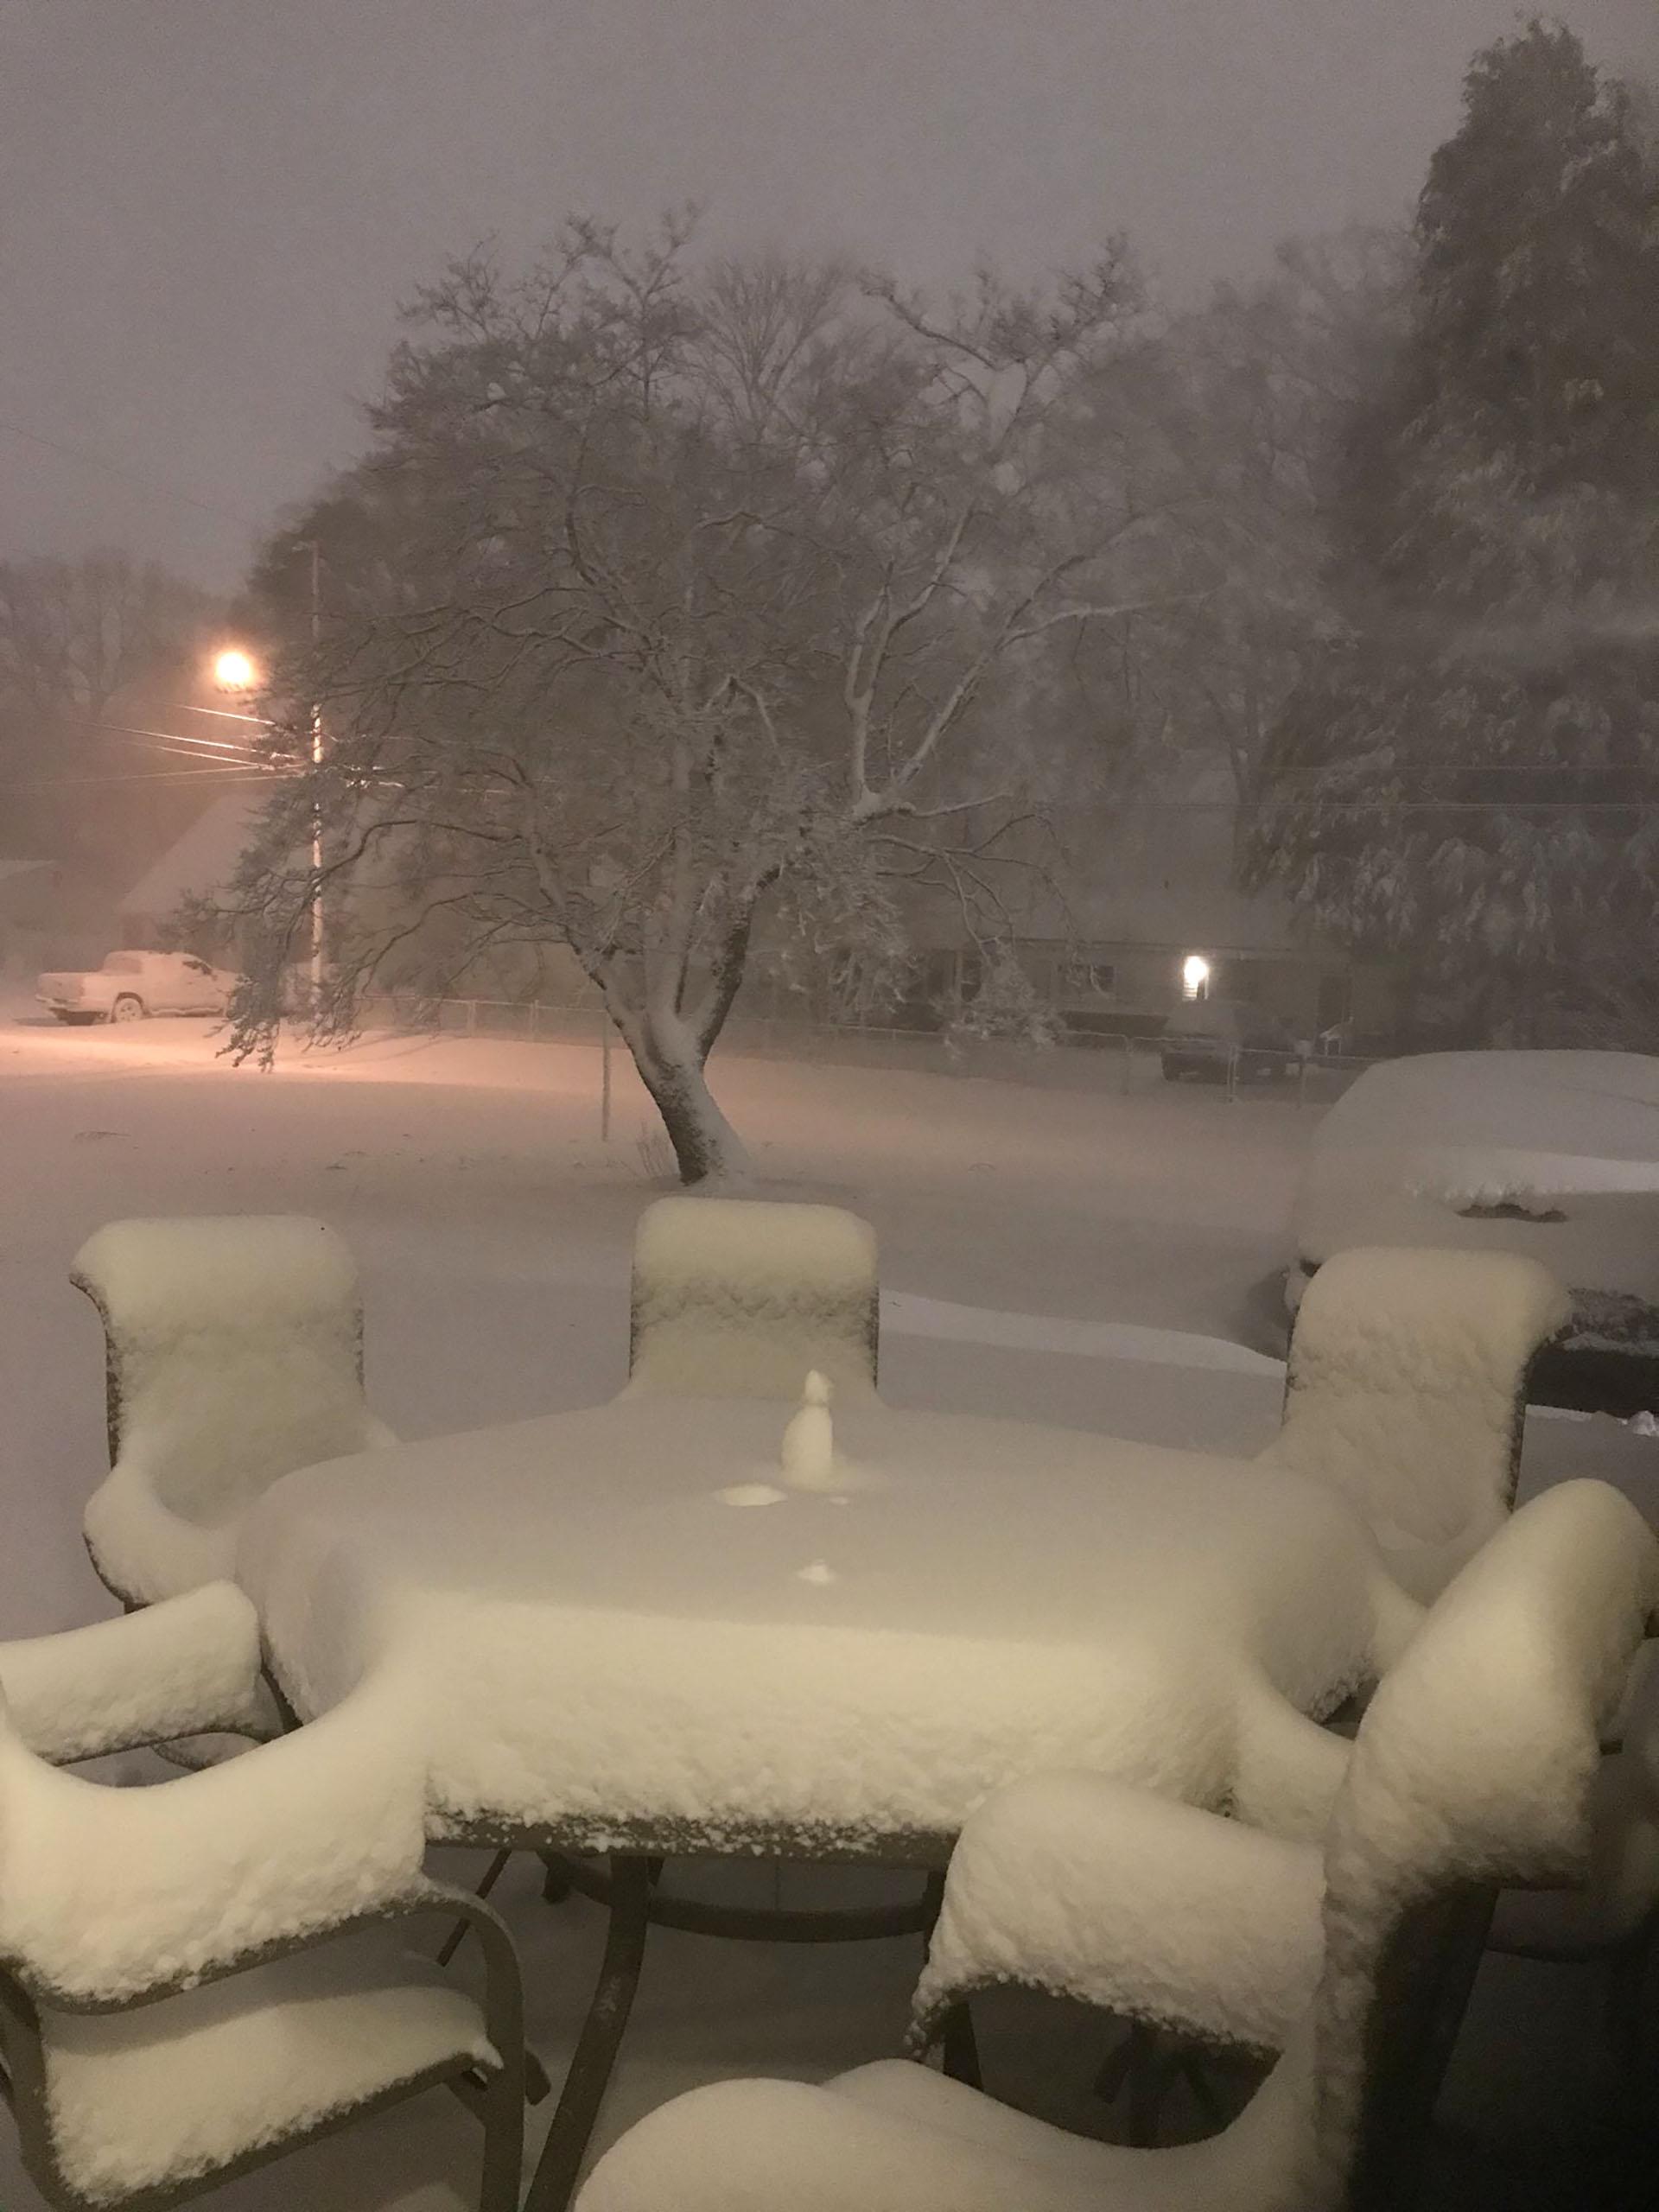 Los autos y los jardines, cubiertos de nieve en Virginia Beach